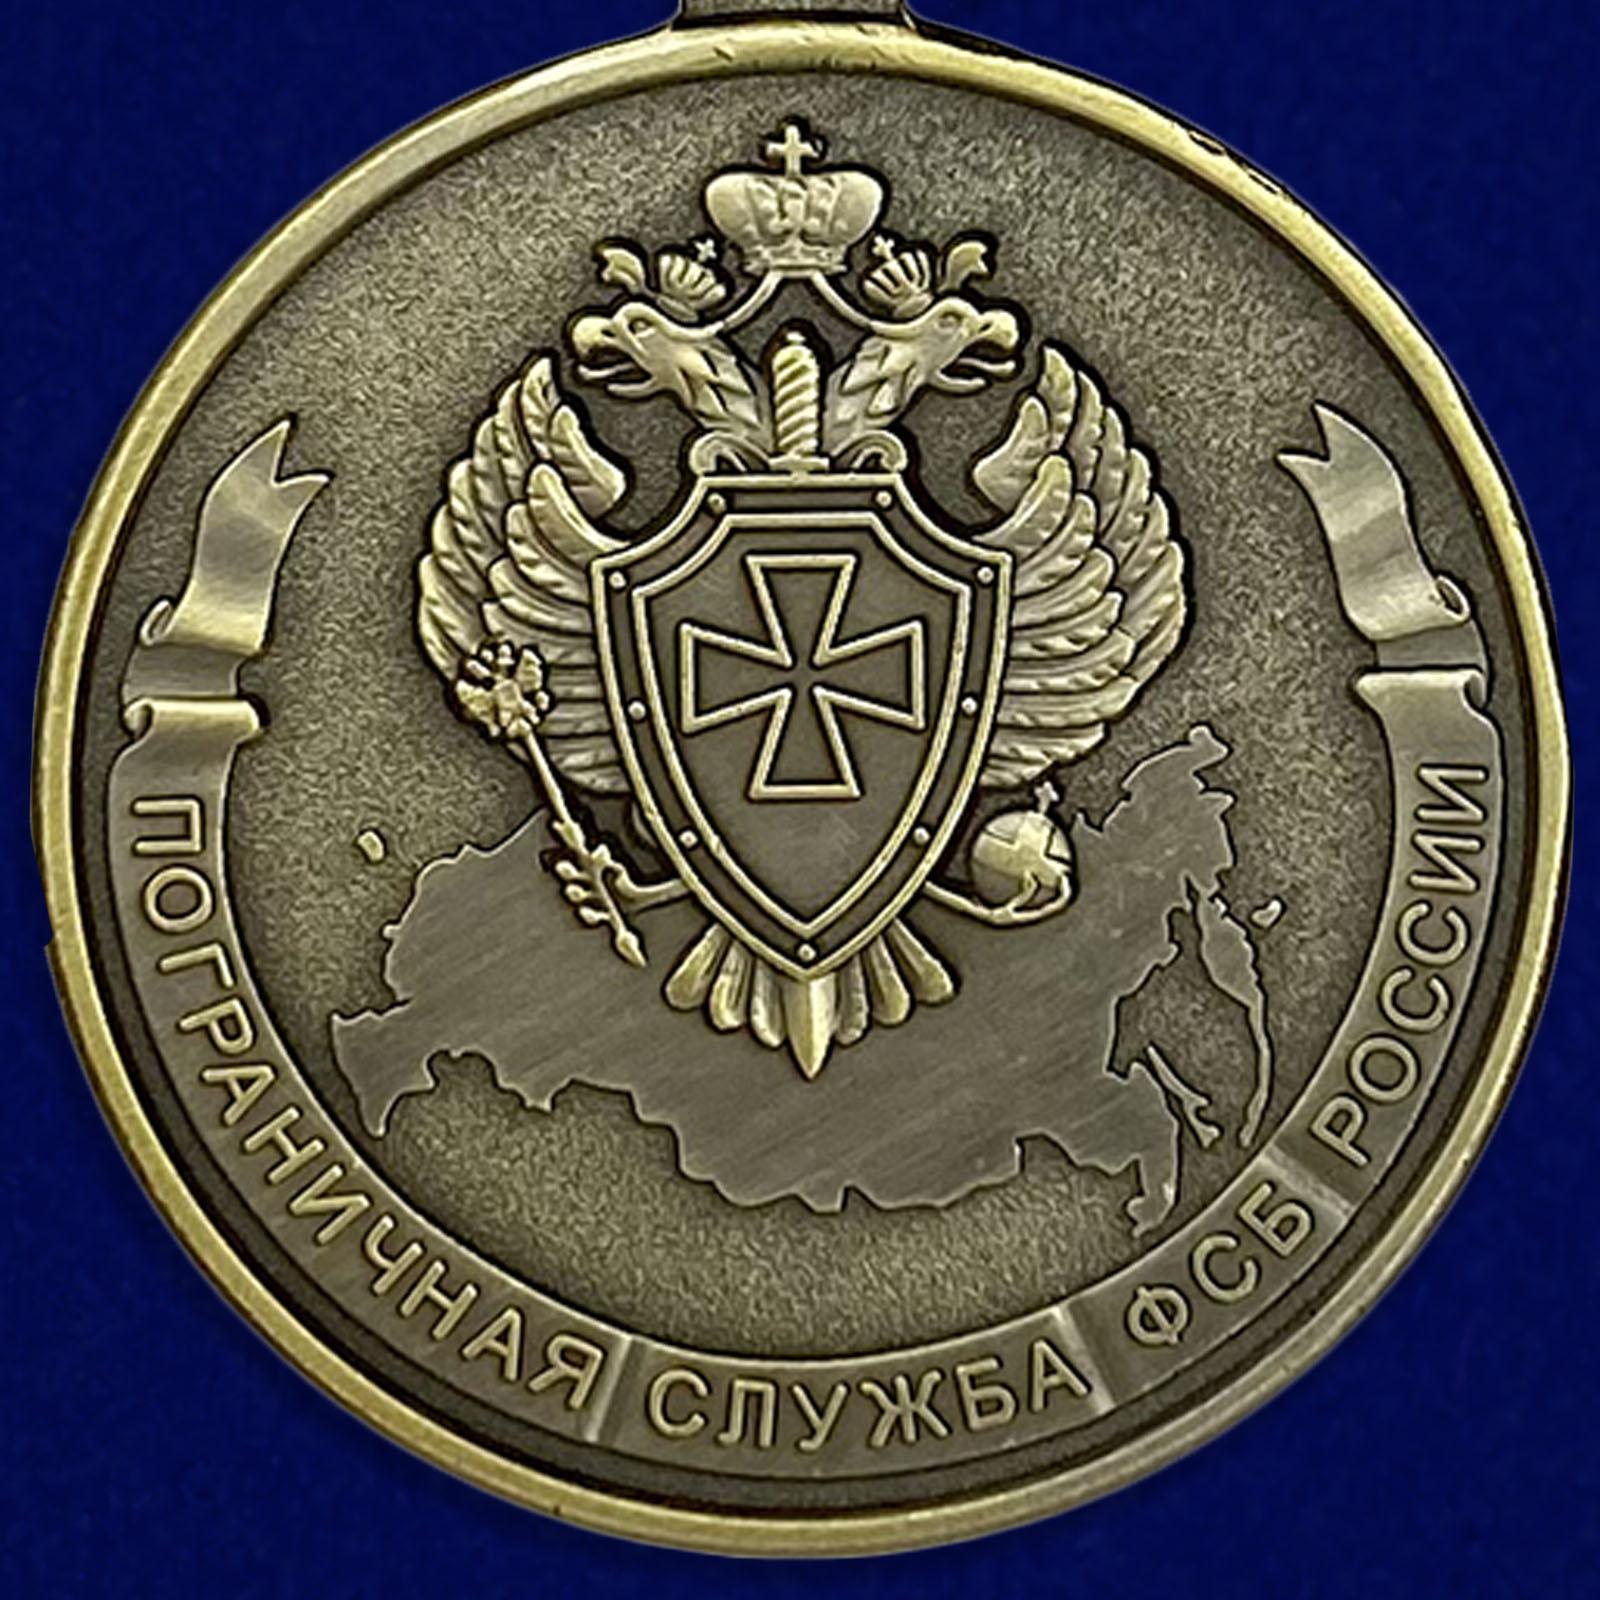 Медаль Пограничная Служба ФСБ приобрести